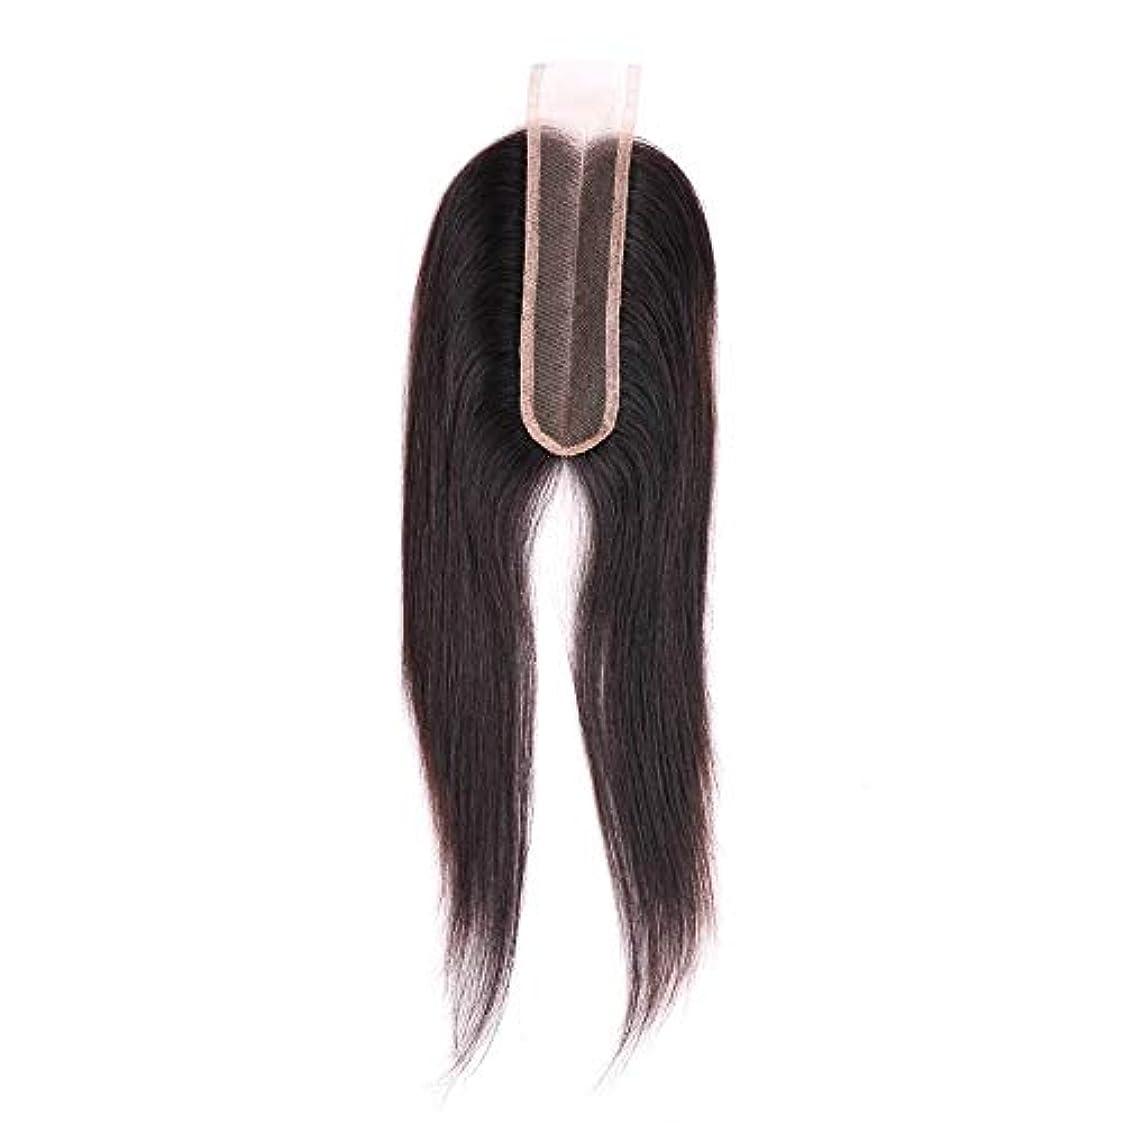 外観短くするお金SRY-Wigファッション 黒人女性のためのファッションストレートレースフロントウィッグベビーヘアレースフロントウィッグ付きブラジル人毛ウィッグ (Color : ブラック, Size : 18inch)